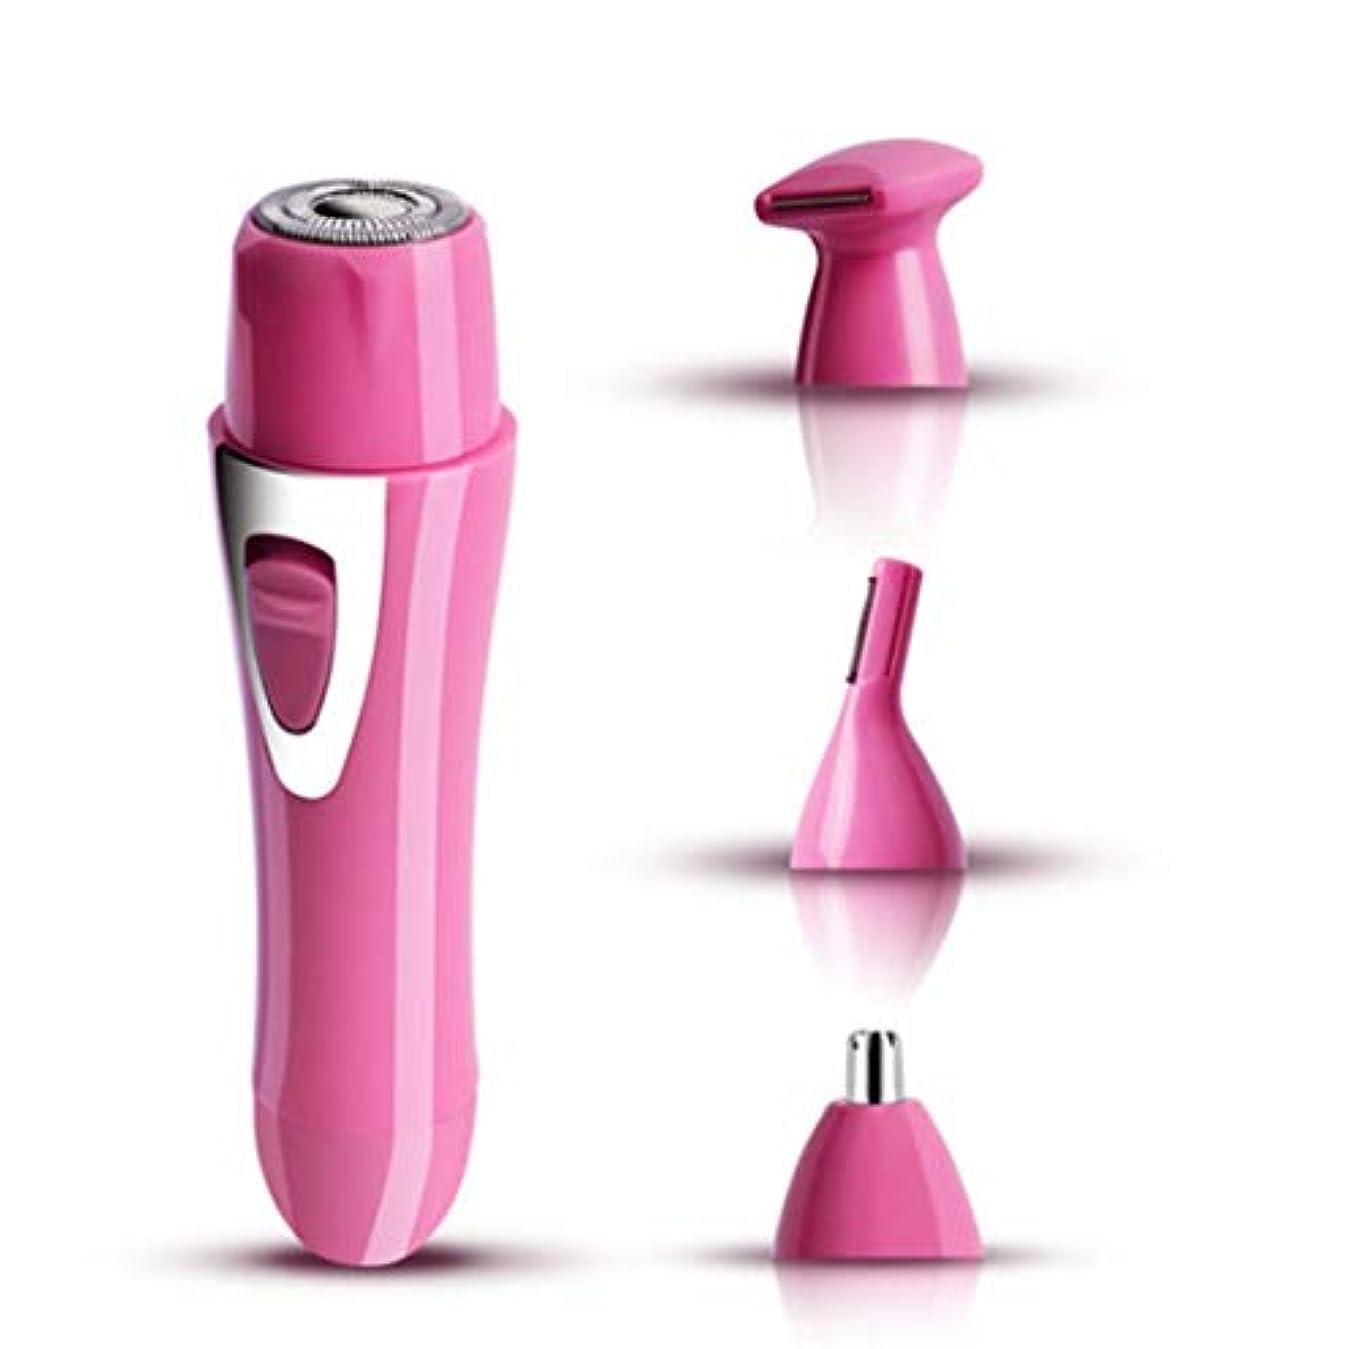 地中海ロシアドラムレディースシェーバー 電動 フェイスシェーバー 脱毛器 女性 顔剃り (ピンク)